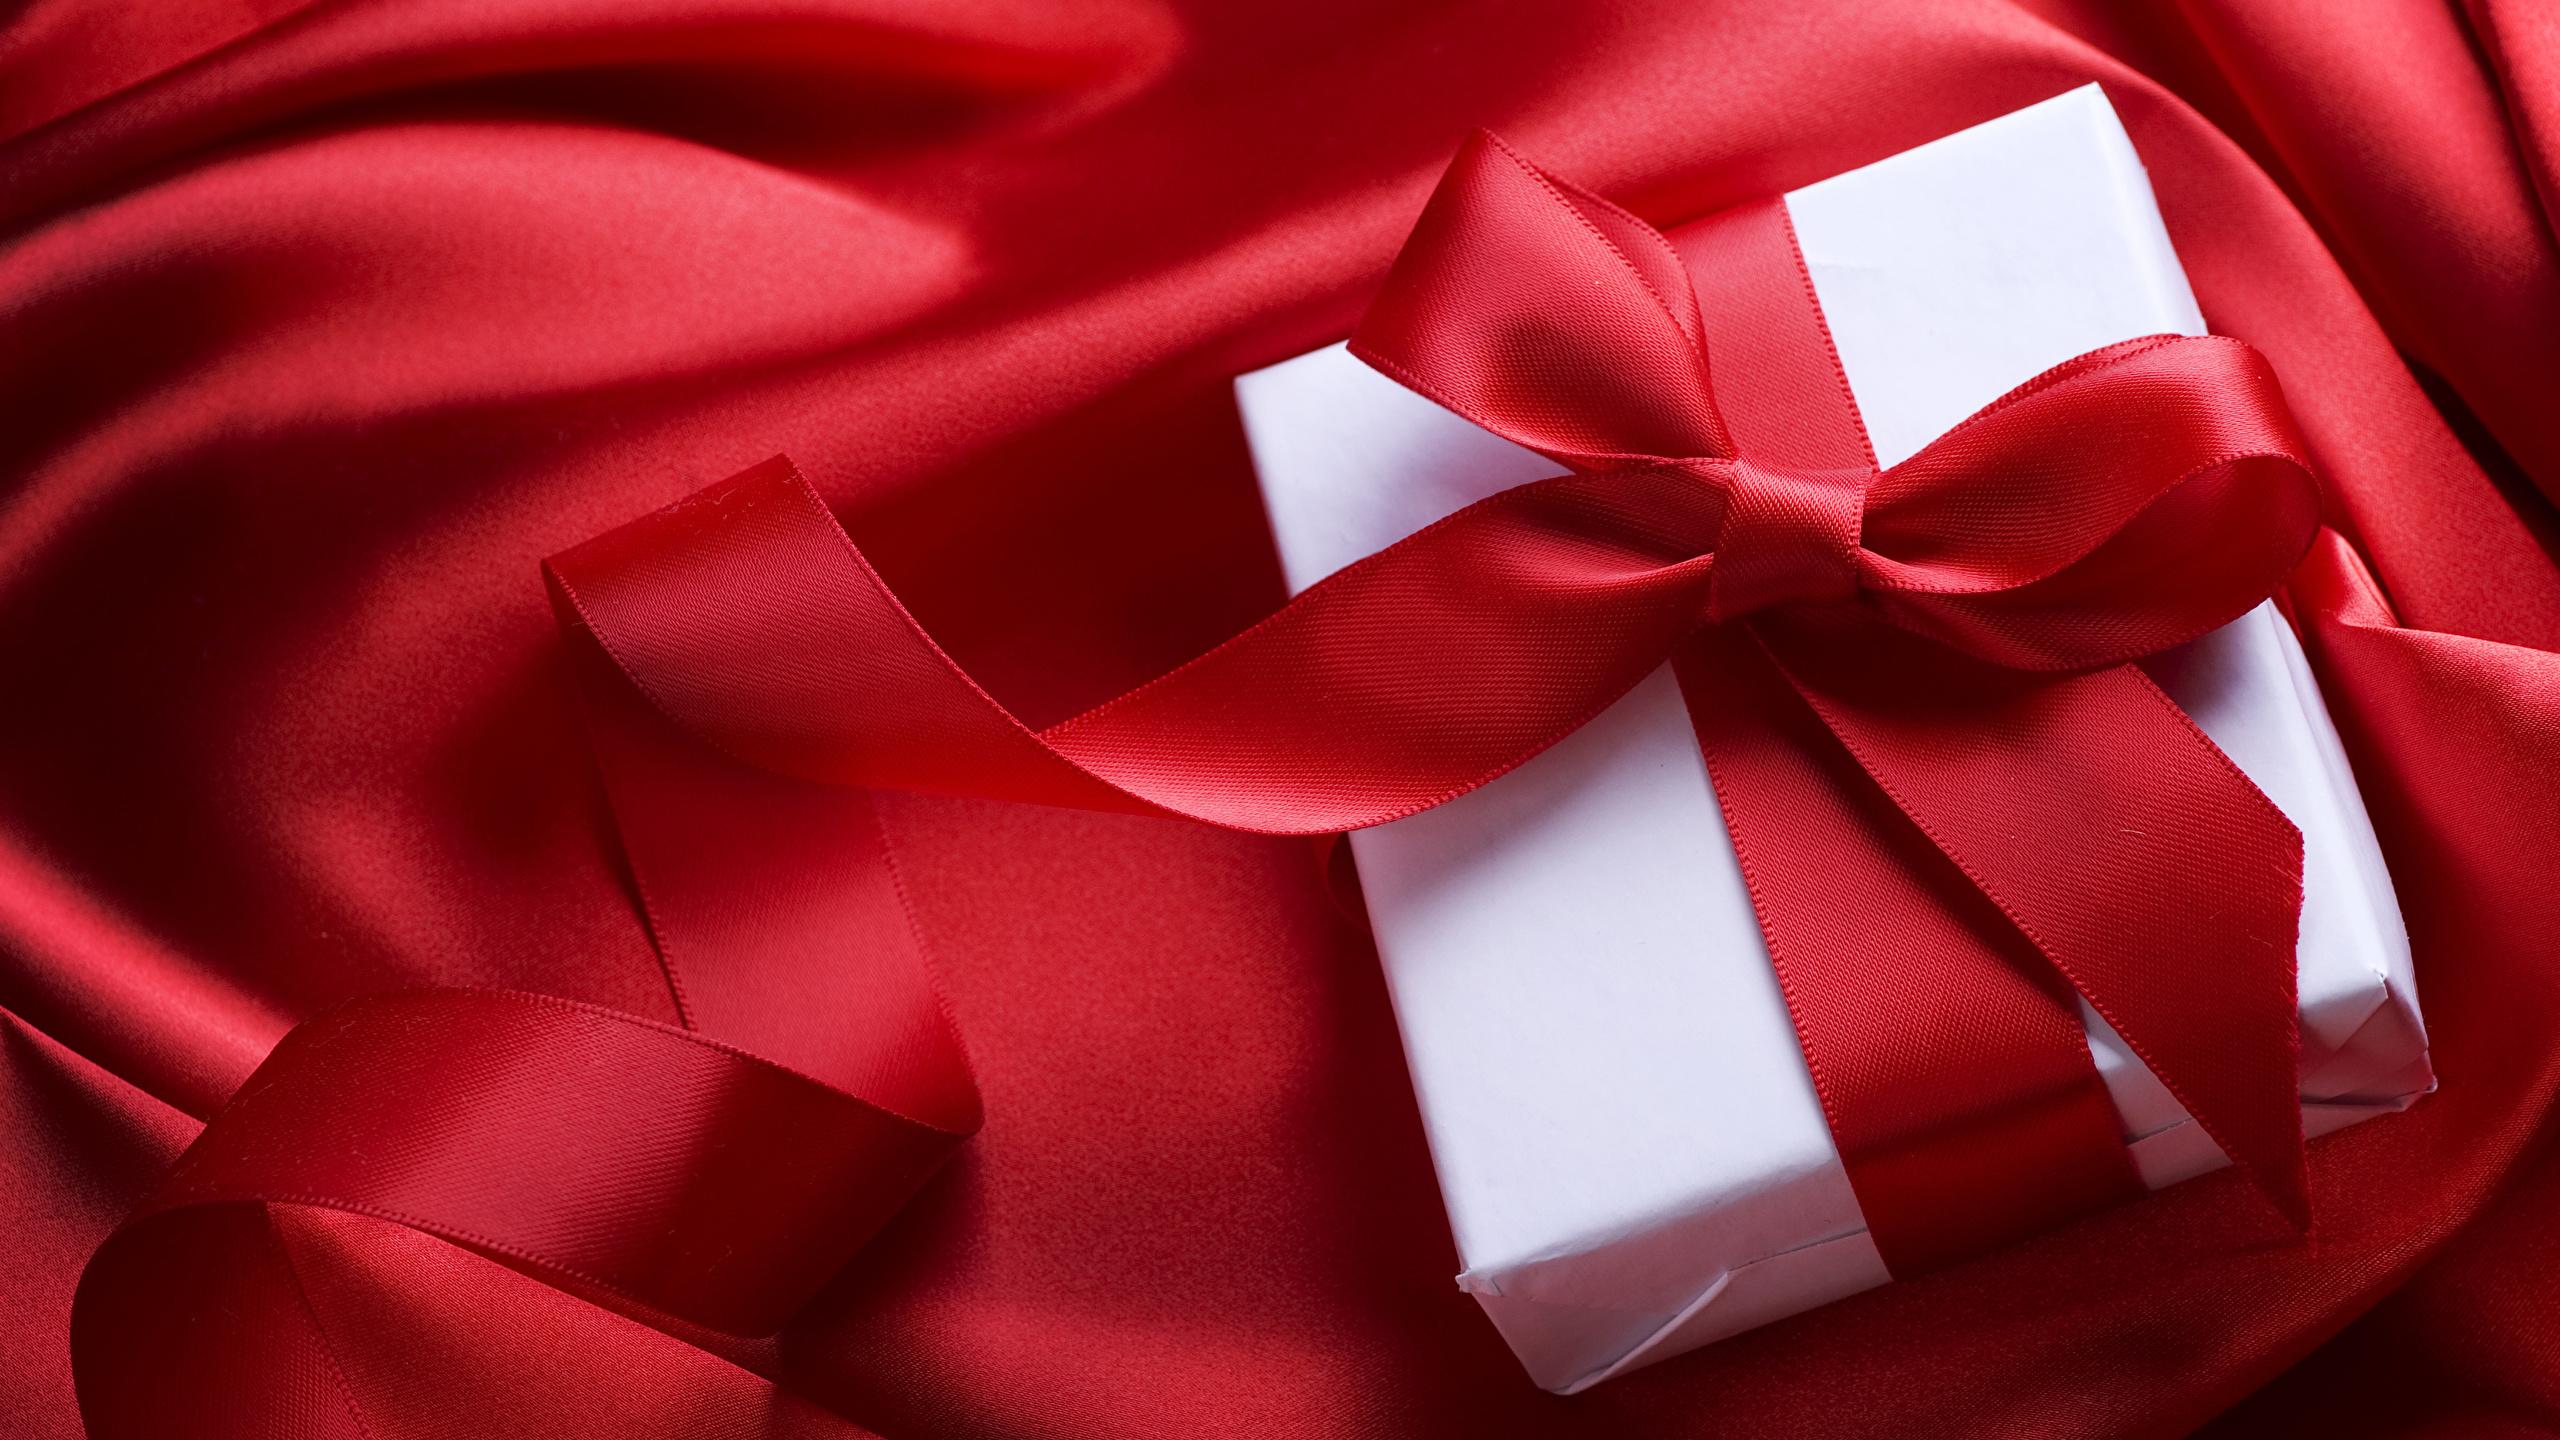 Fonds Decran 2560x1440 Saint Valentin Rouge Cadeaux Noeud